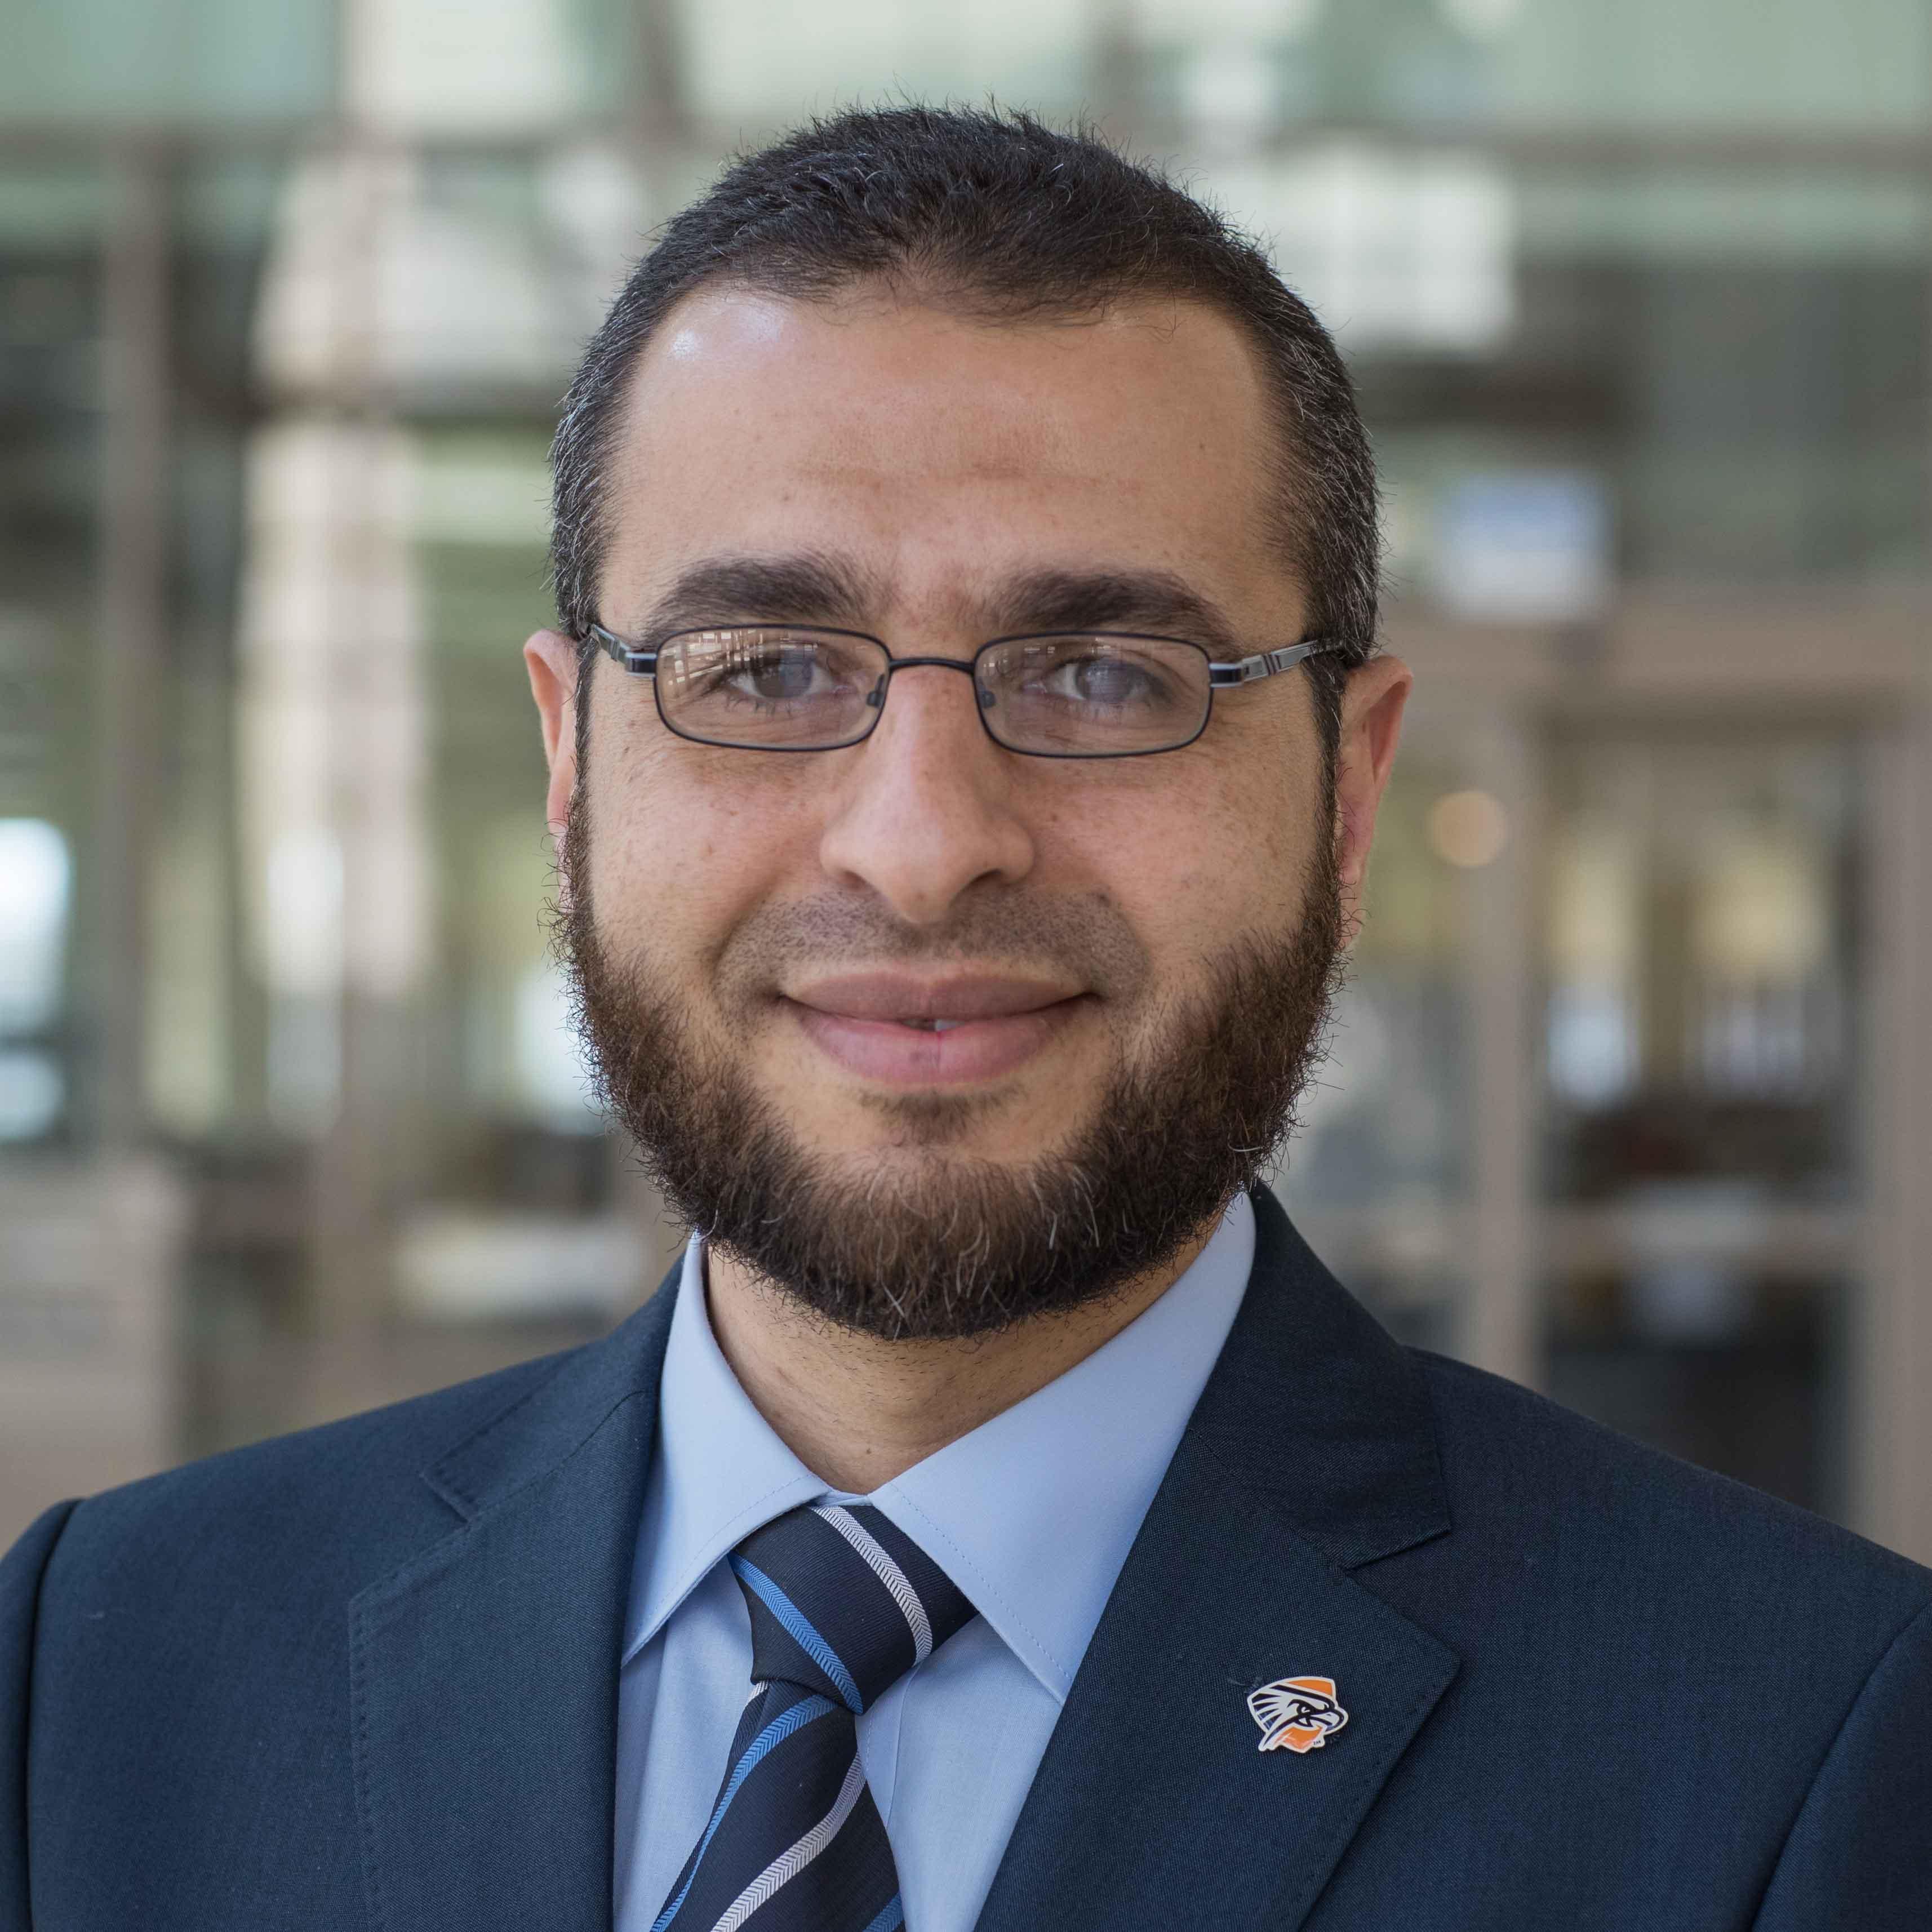 Mohamed Zobaa Nuevo disparo en la cabeza